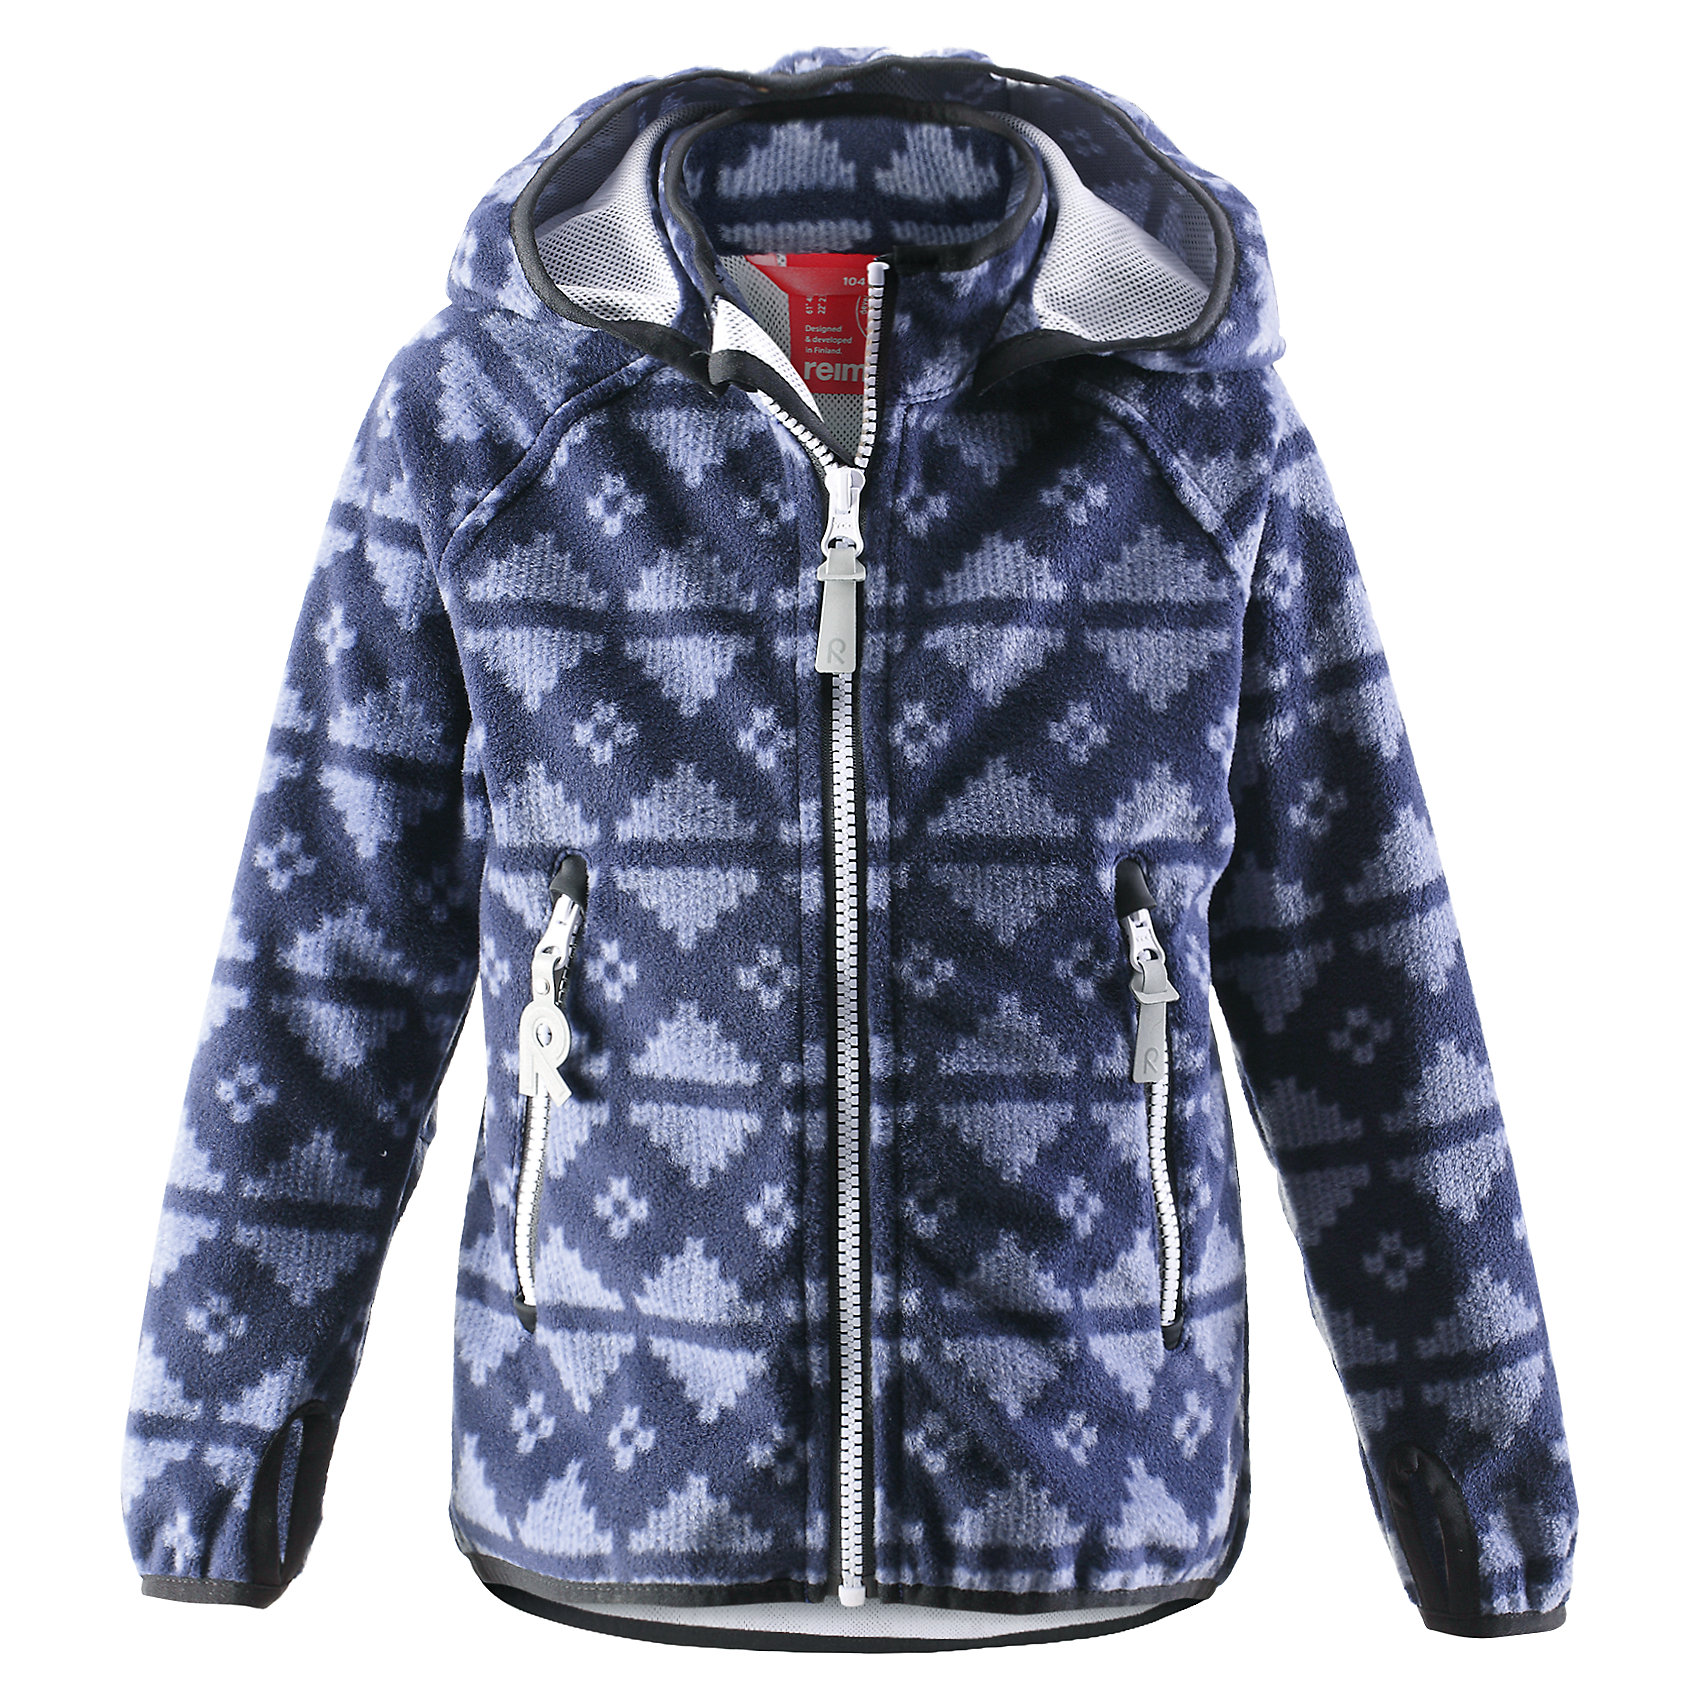 Куртка Ajatus для мальчика ReimaКуртка  Reima<br>Куртка из материала softshell для детей. Из ветронепроницаемого материала, но изделие «дышит». Безопасный, съемный капюшон. Эластичная резинка на кромке капюшона, манжетах и подоле. Два кармана на молнии. Принт по всей поверхности.<br>Уход:<br>Стирать по отдельности. Застегнуть молнии и липучки. Стирать моющим средством, не содержащим отбеливающие вещества. Полоскать без специального средства. Во избежание изменения цвета изделие необходимо вынуть из стиральной машинки незамедлительно после окончания программы стирки. Сушить при низкой температуре.<br>Состав:<br>100% Полиэстер, полиуретановая мембрана<br><br>Ширина мм: 356<br>Глубина мм: 10<br>Высота мм: 245<br>Вес г: 519<br>Цвет: синий<br>Возраст от месяцев: 72<br>Возраст до месяцев: 84<br>Пол: Мужской<br>Возраст: Детский<br>Размер: 122,140,104,128,134,110,116<br>SKU: 4777858